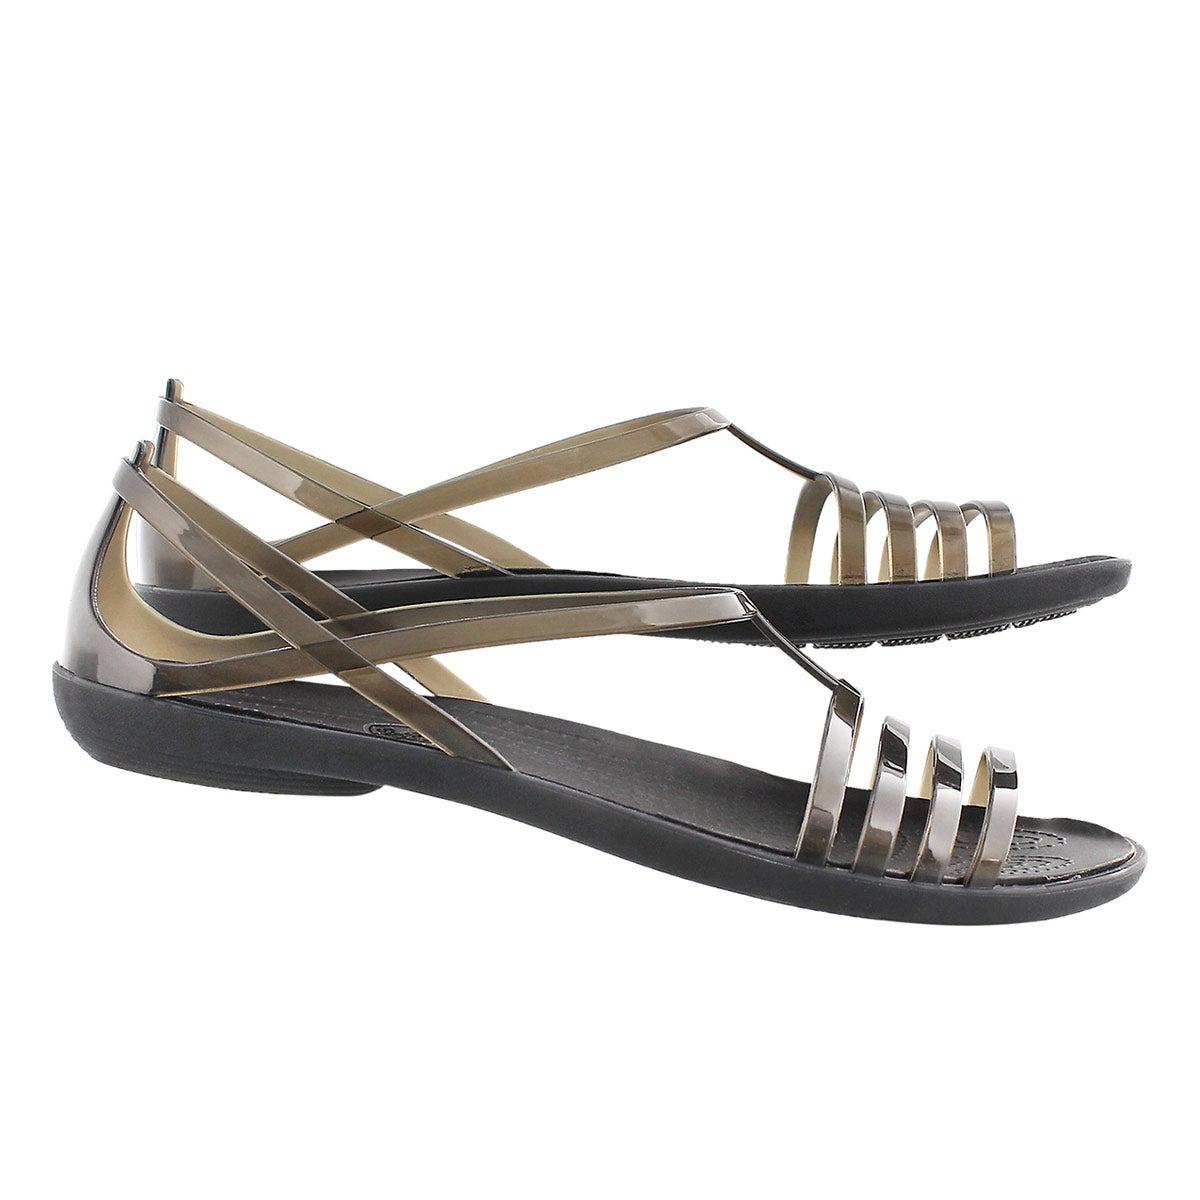 Lds Isabella black sandal